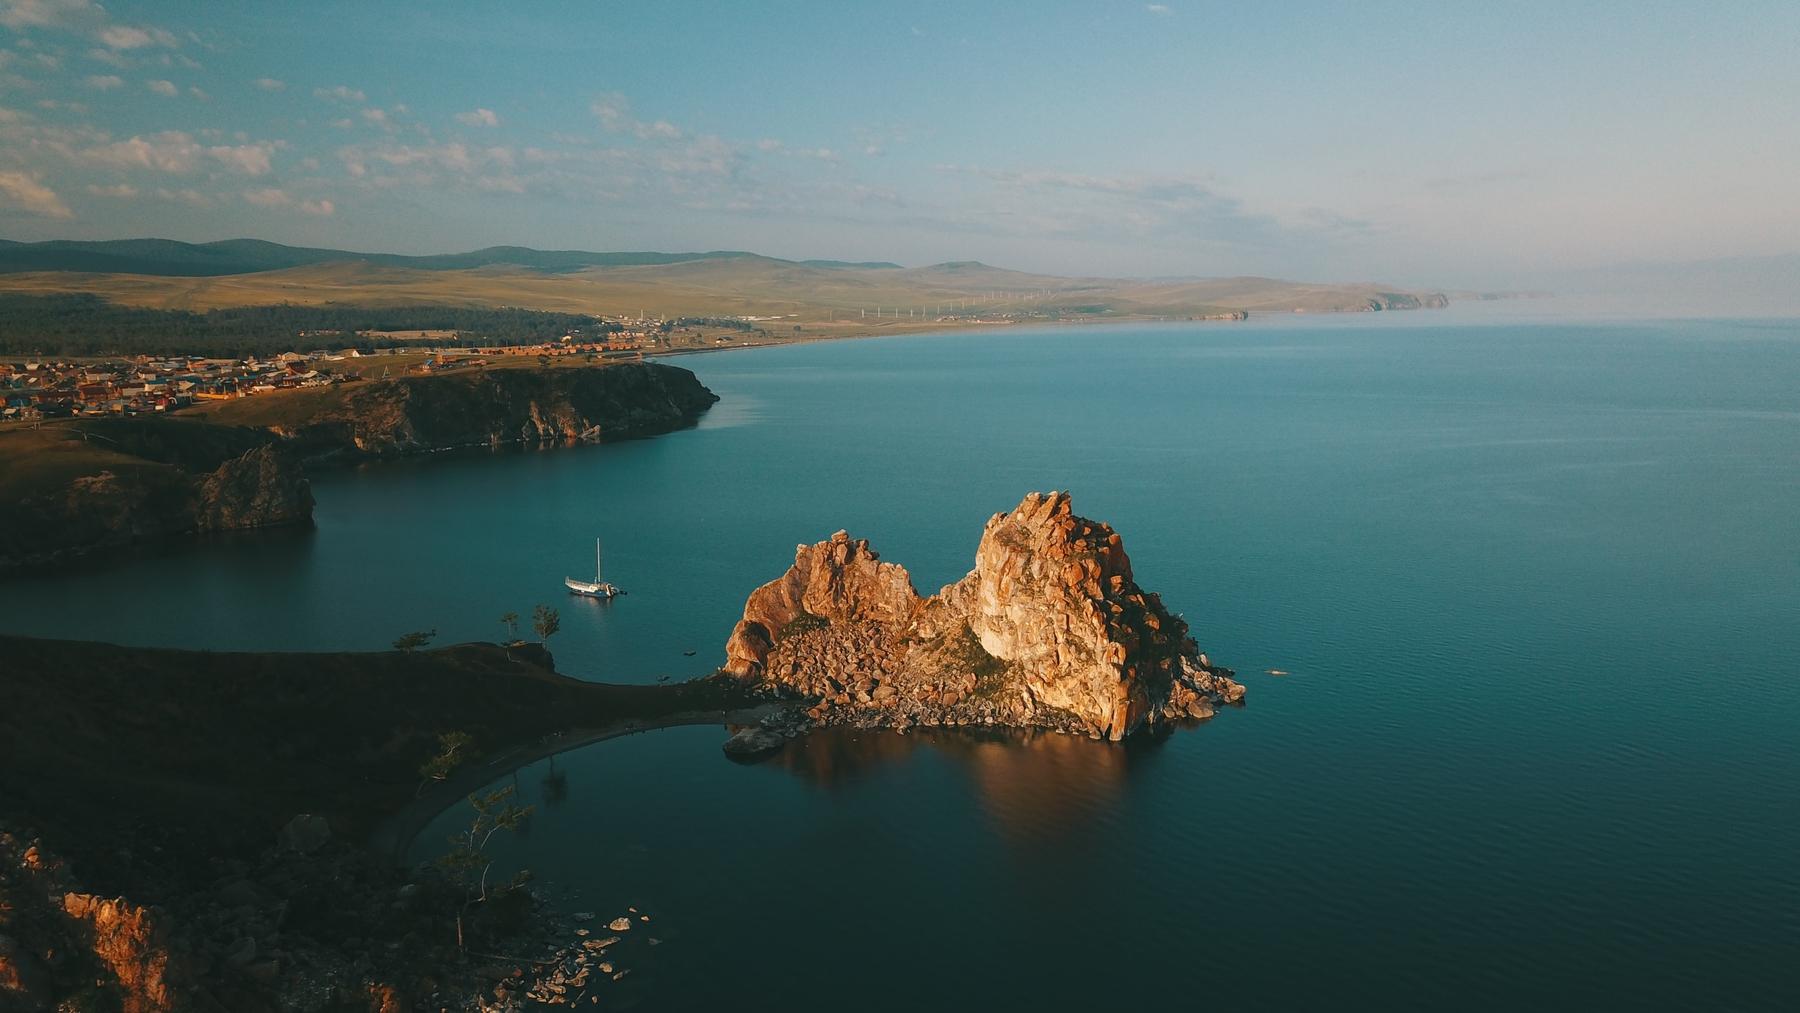 Куда поехать отдыхать летом в России. Остров Ольхон, Байкал